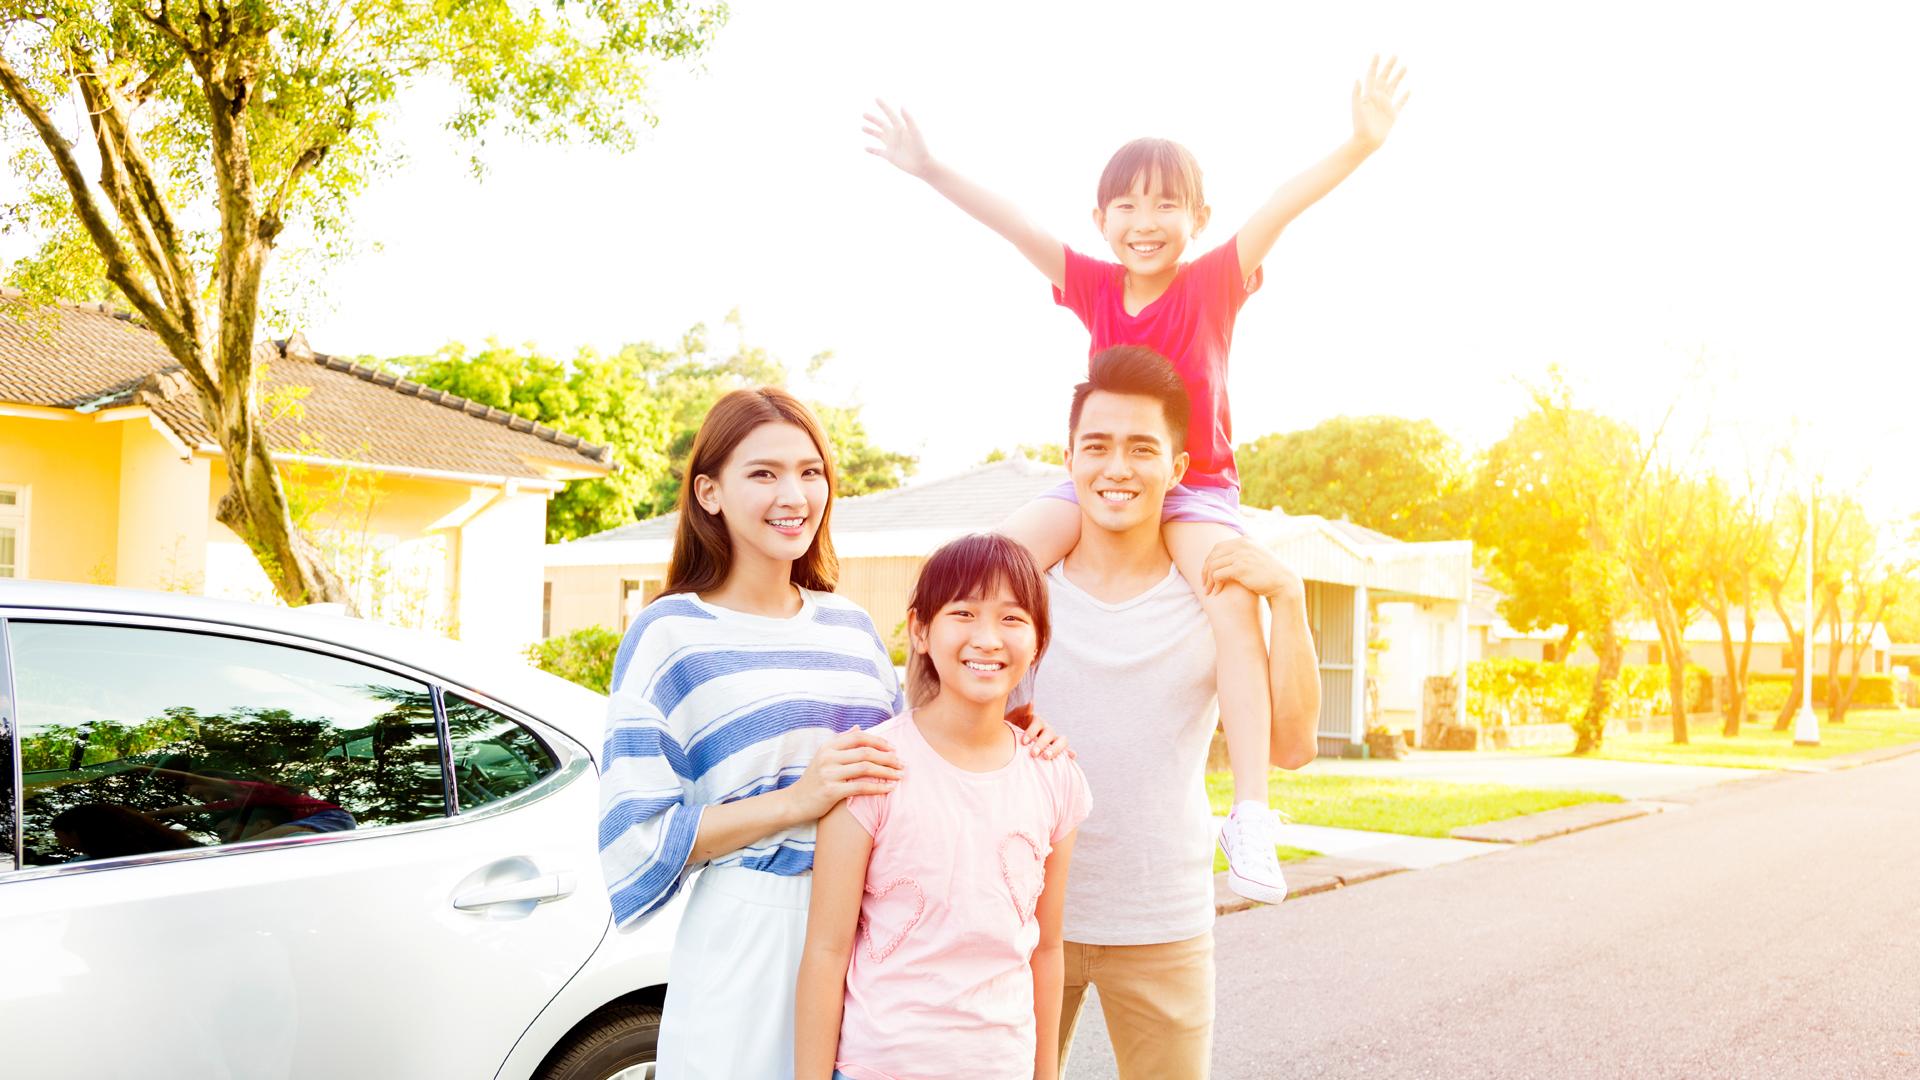 Nhiều người lựa chọn chia sẻ kì nghỉ ALMA cho các chuyến du lịch gia đình